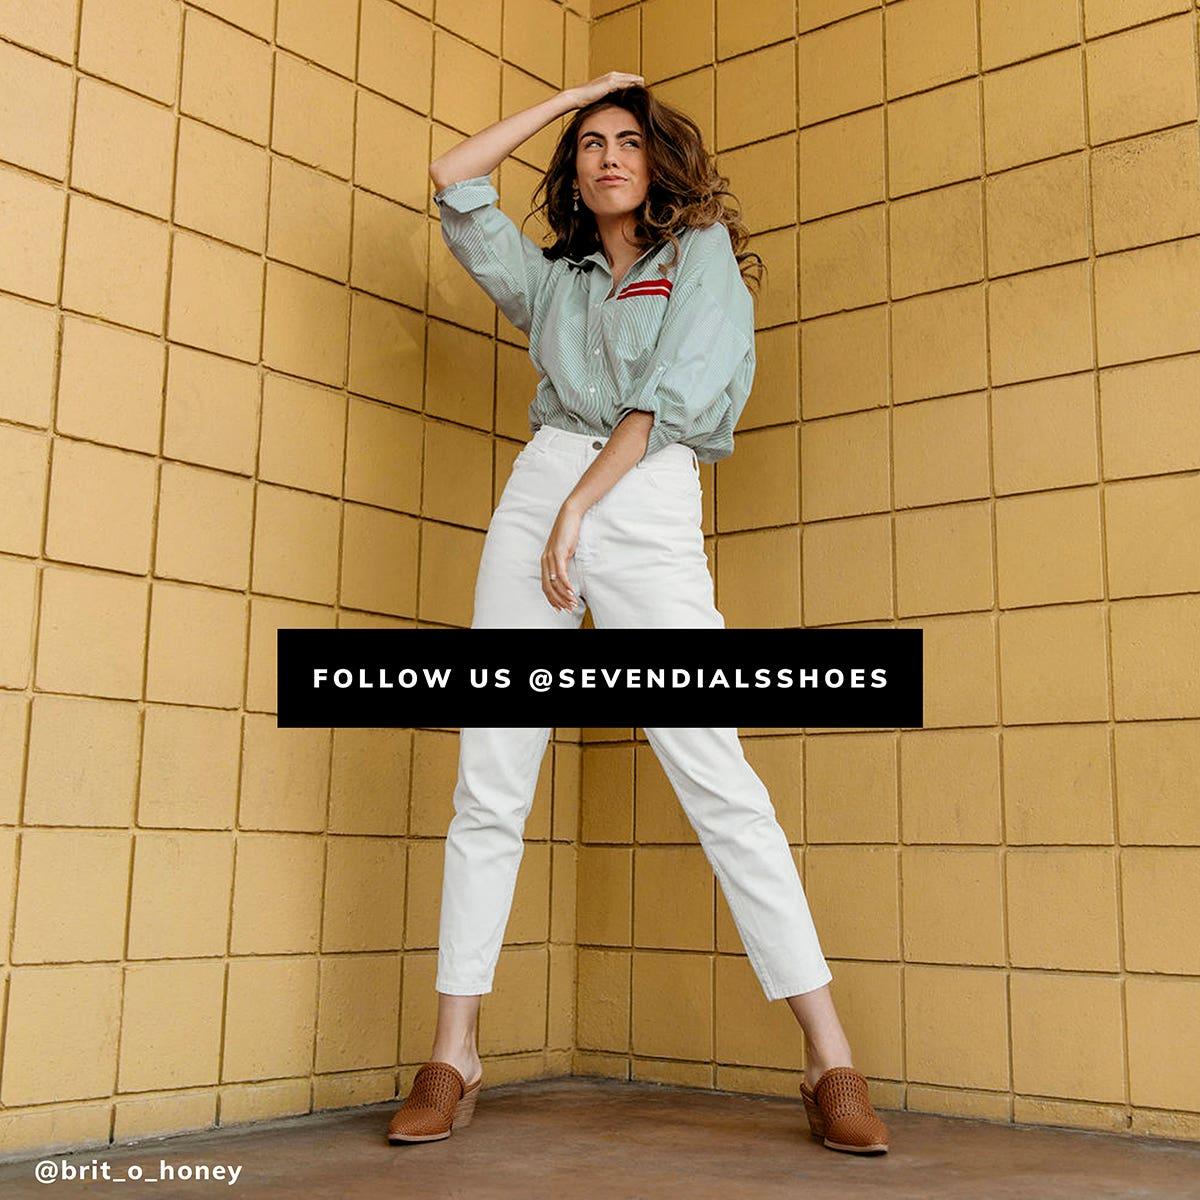 Follow Us @sevendialsshoes, Picture Credit: @brit_o_honey